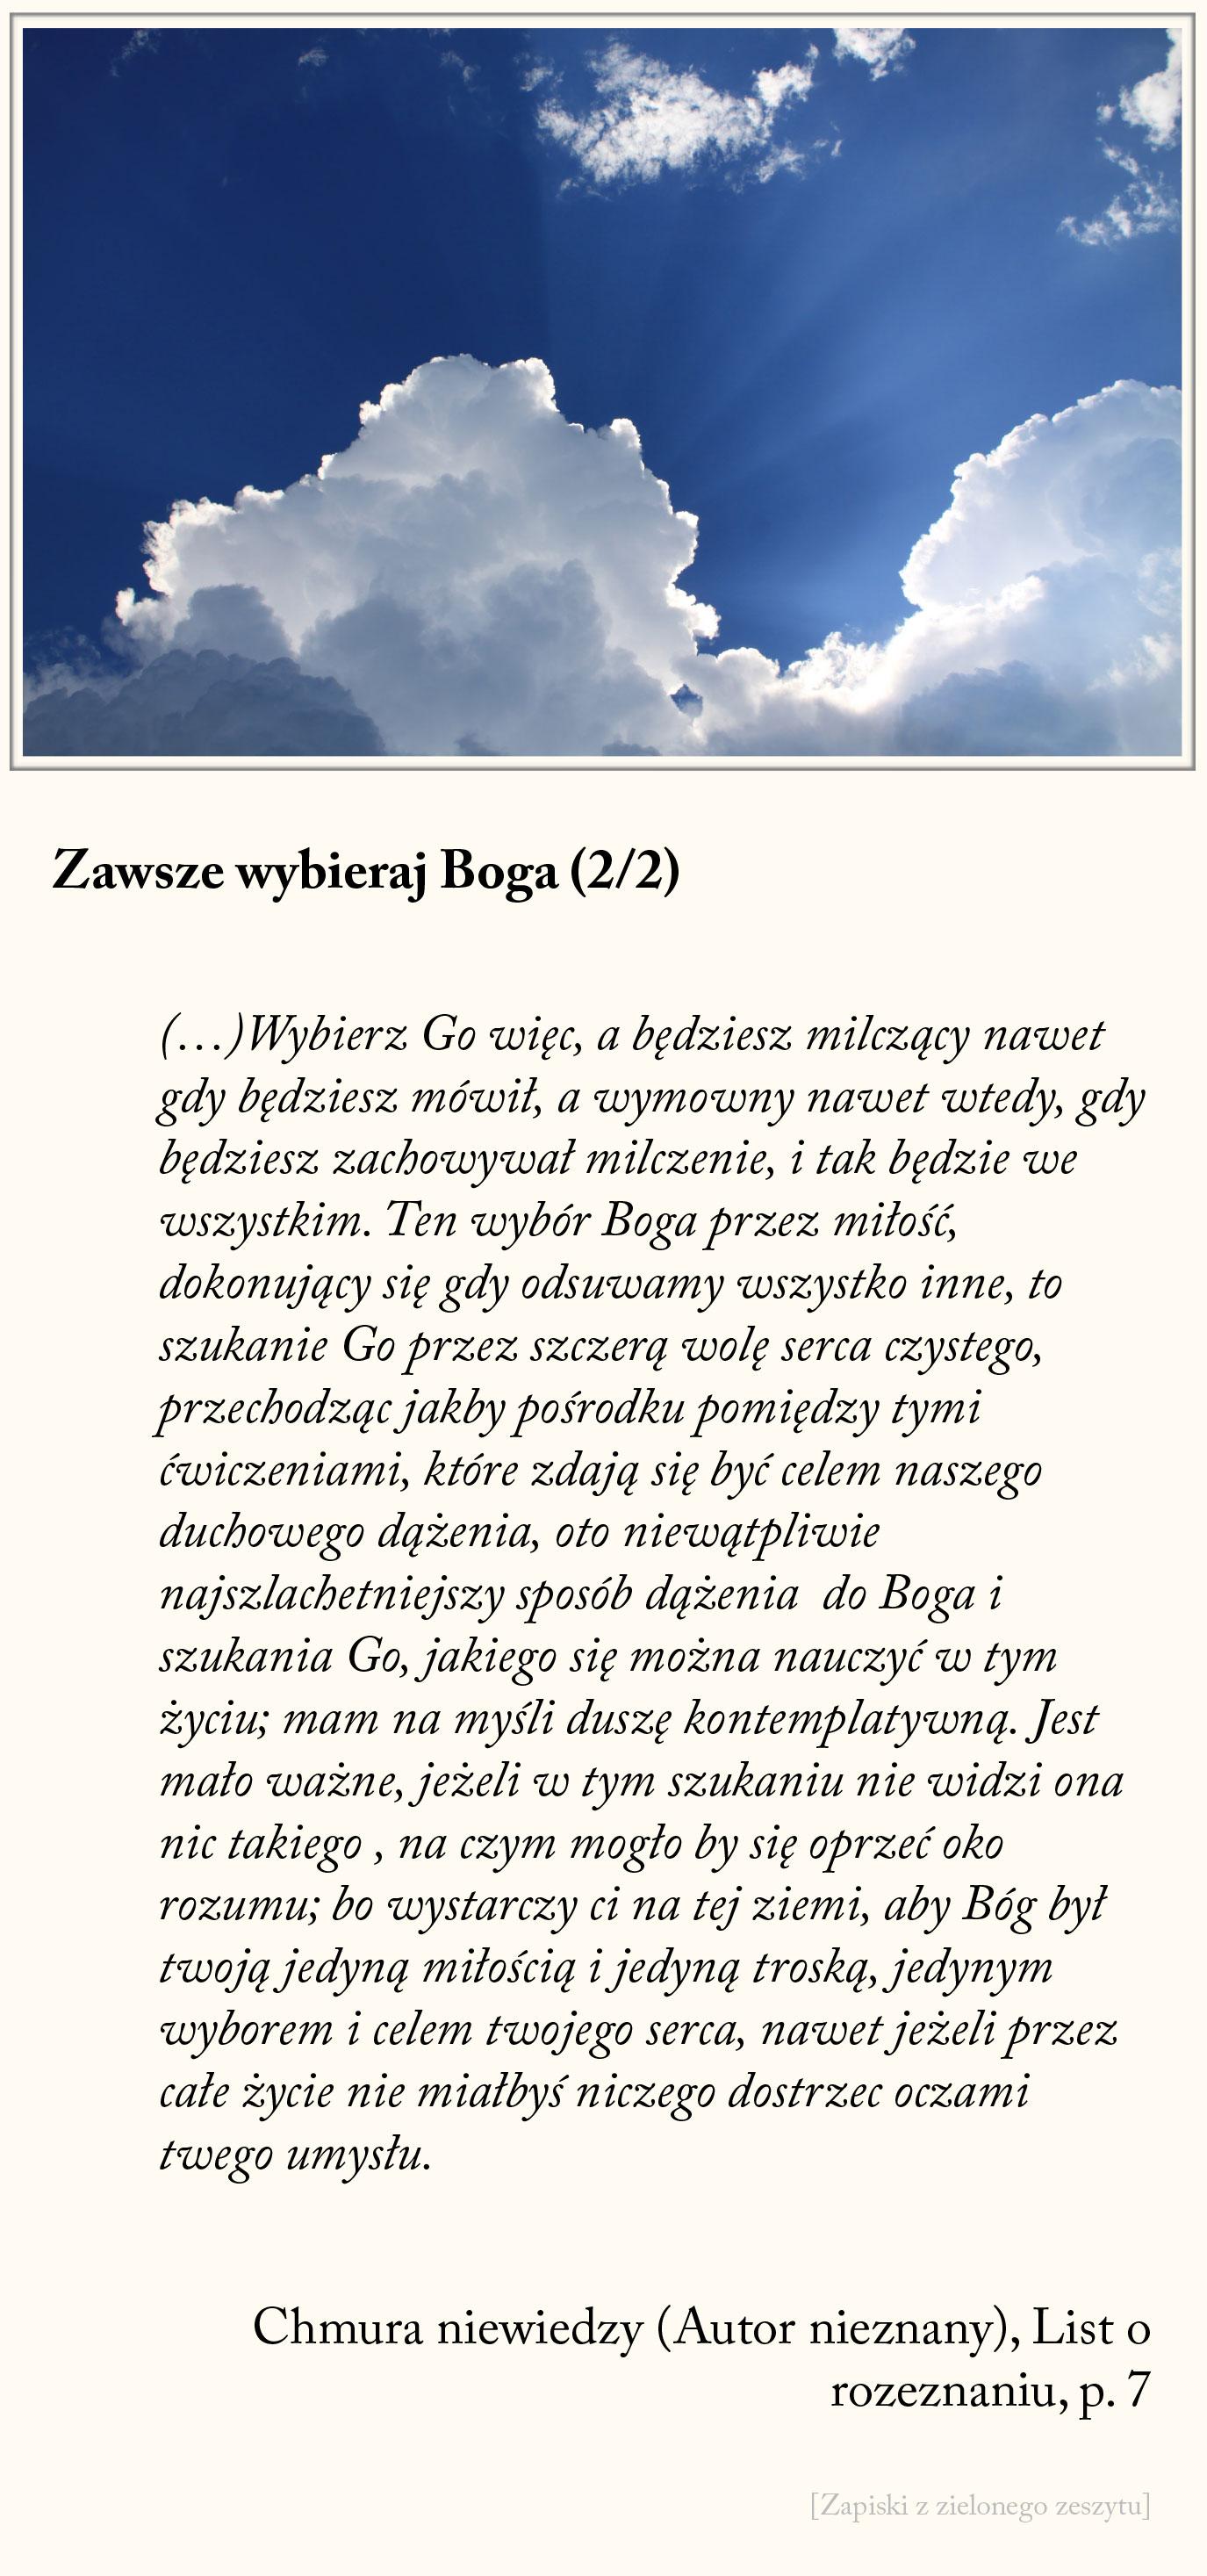 Zawsze wybieraj Boga, Chmura niewiedzy (Autor nieznany)